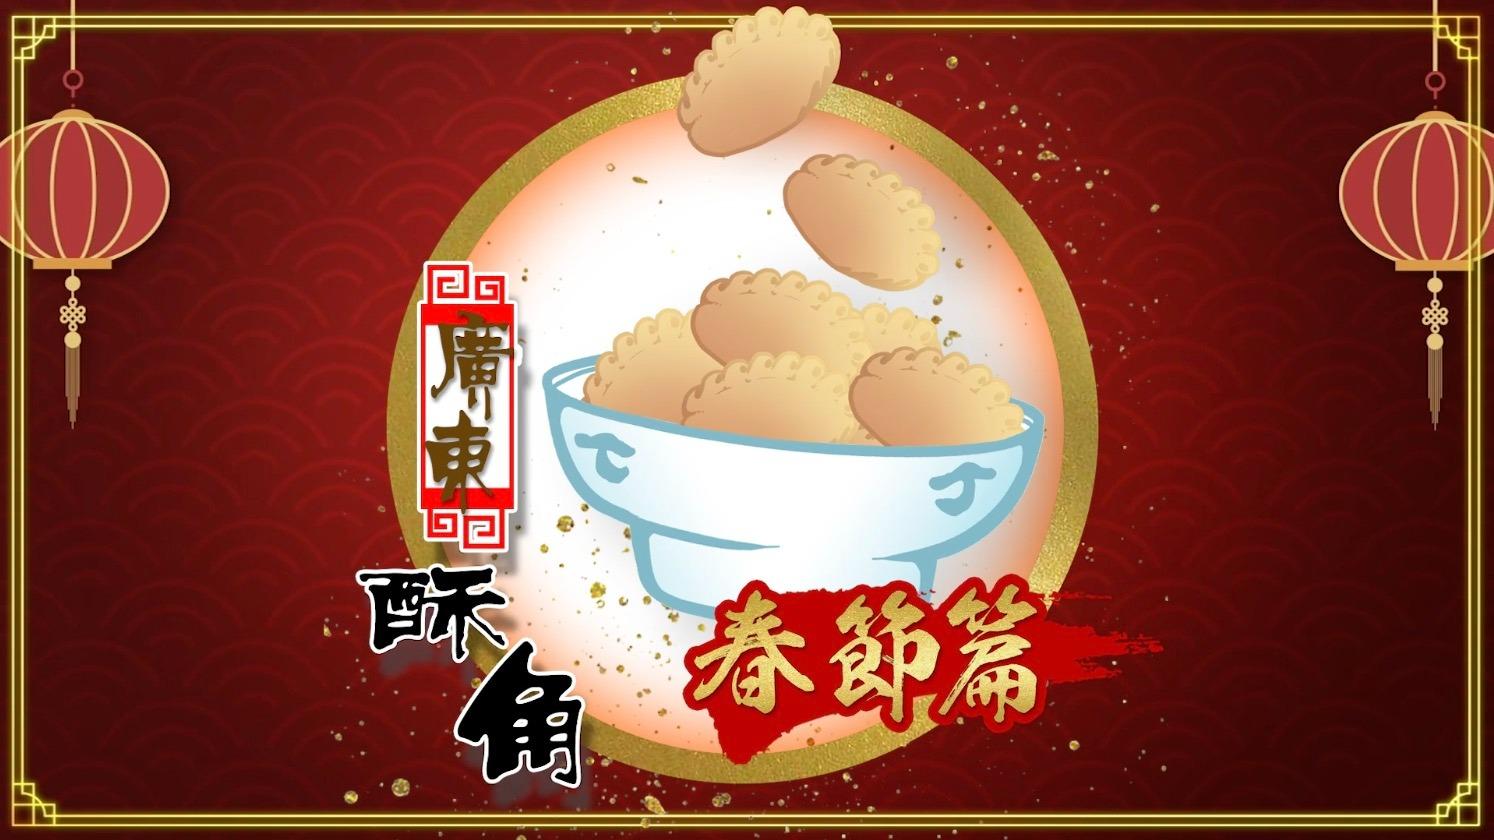 100種味道·新年篇|廣東酥角似「荷包」 油潤富足過新年